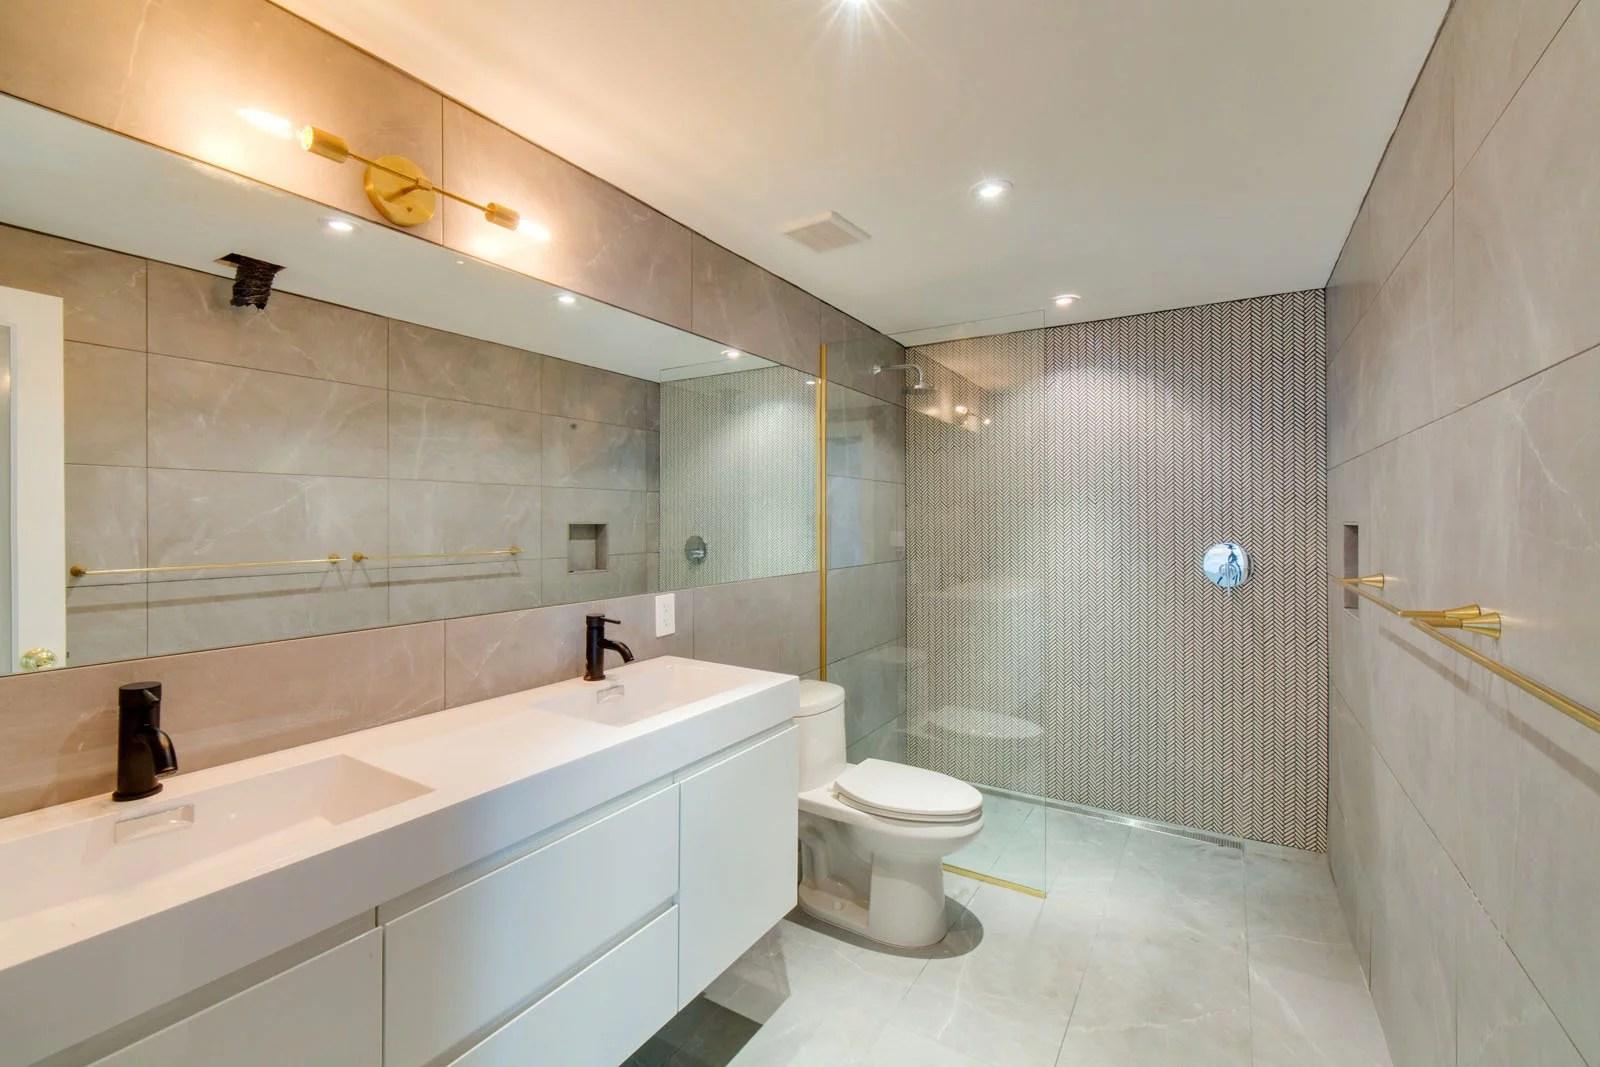 bathroom lights vanity lighting mid century modern brass vanity bathroom lighting gold sconce